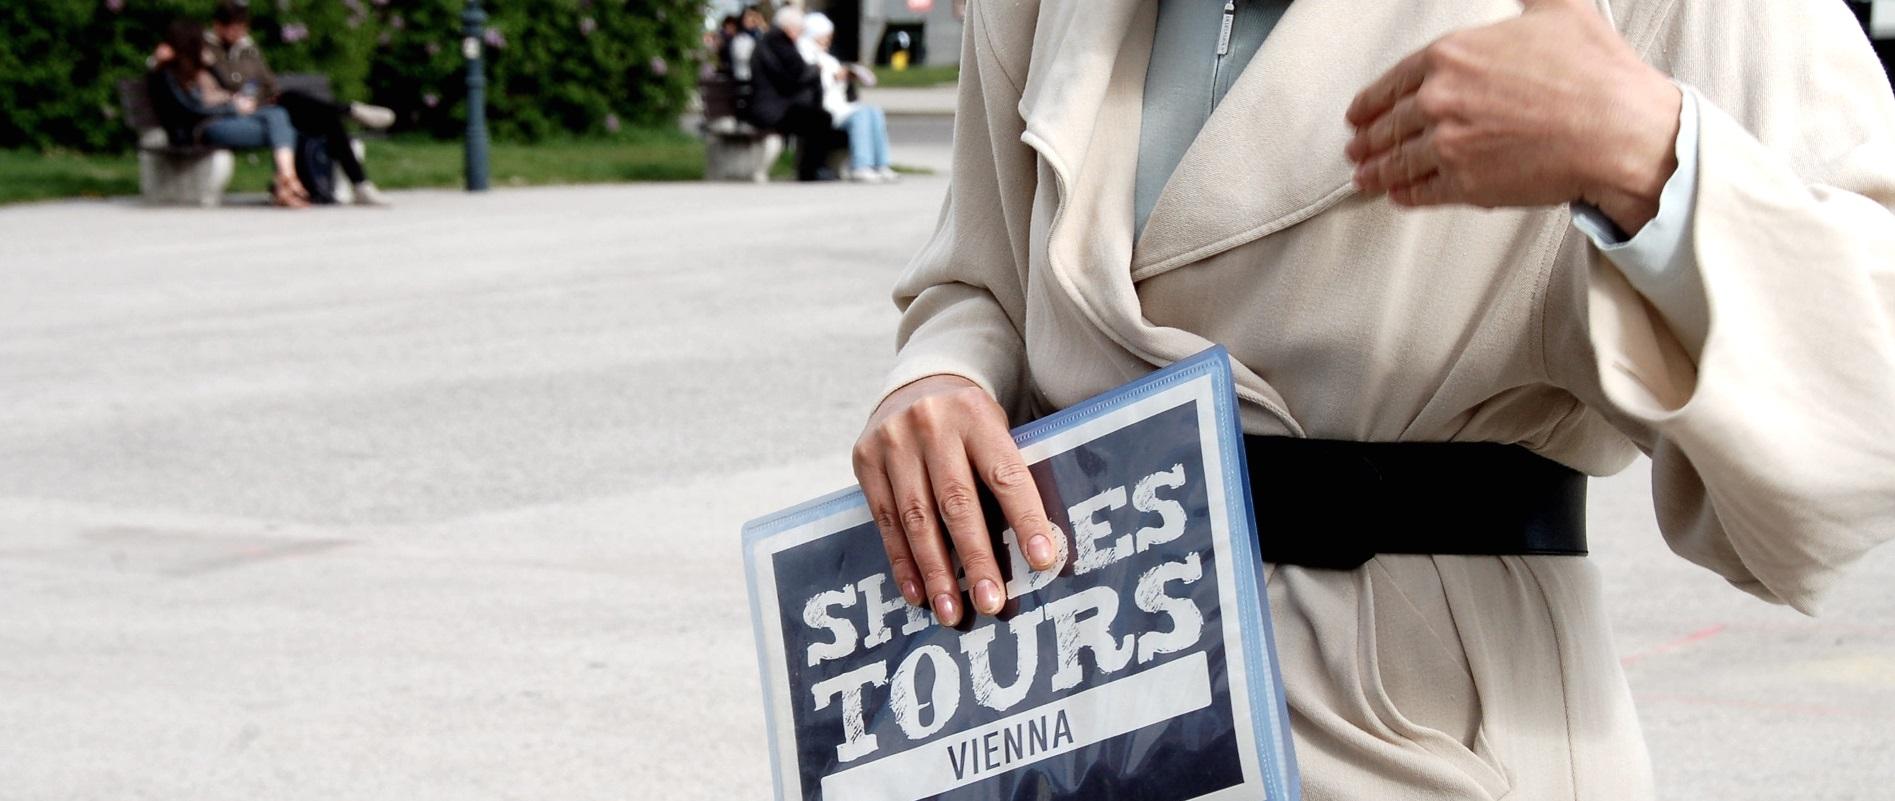 Touren geführt von Obdachlosen